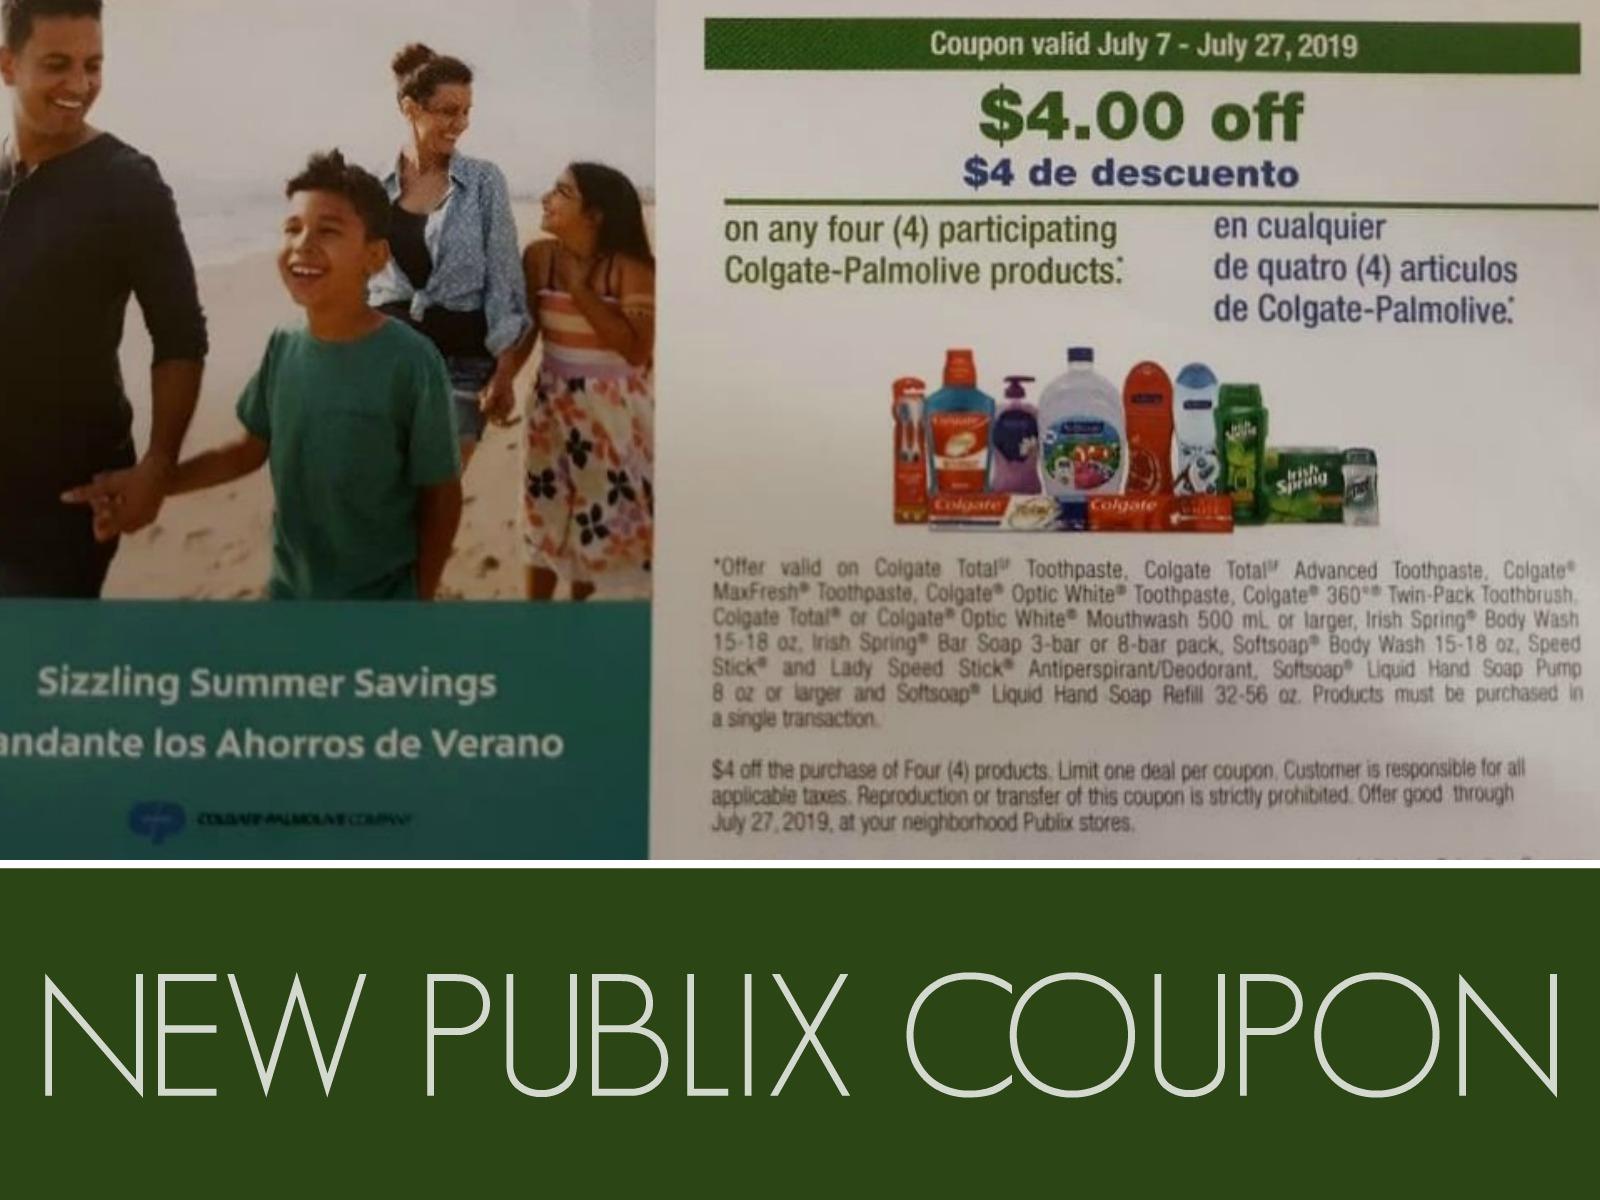 New Colgate-Palmolive Publix Coupon Valid Through 7/27 on I Heart Publix